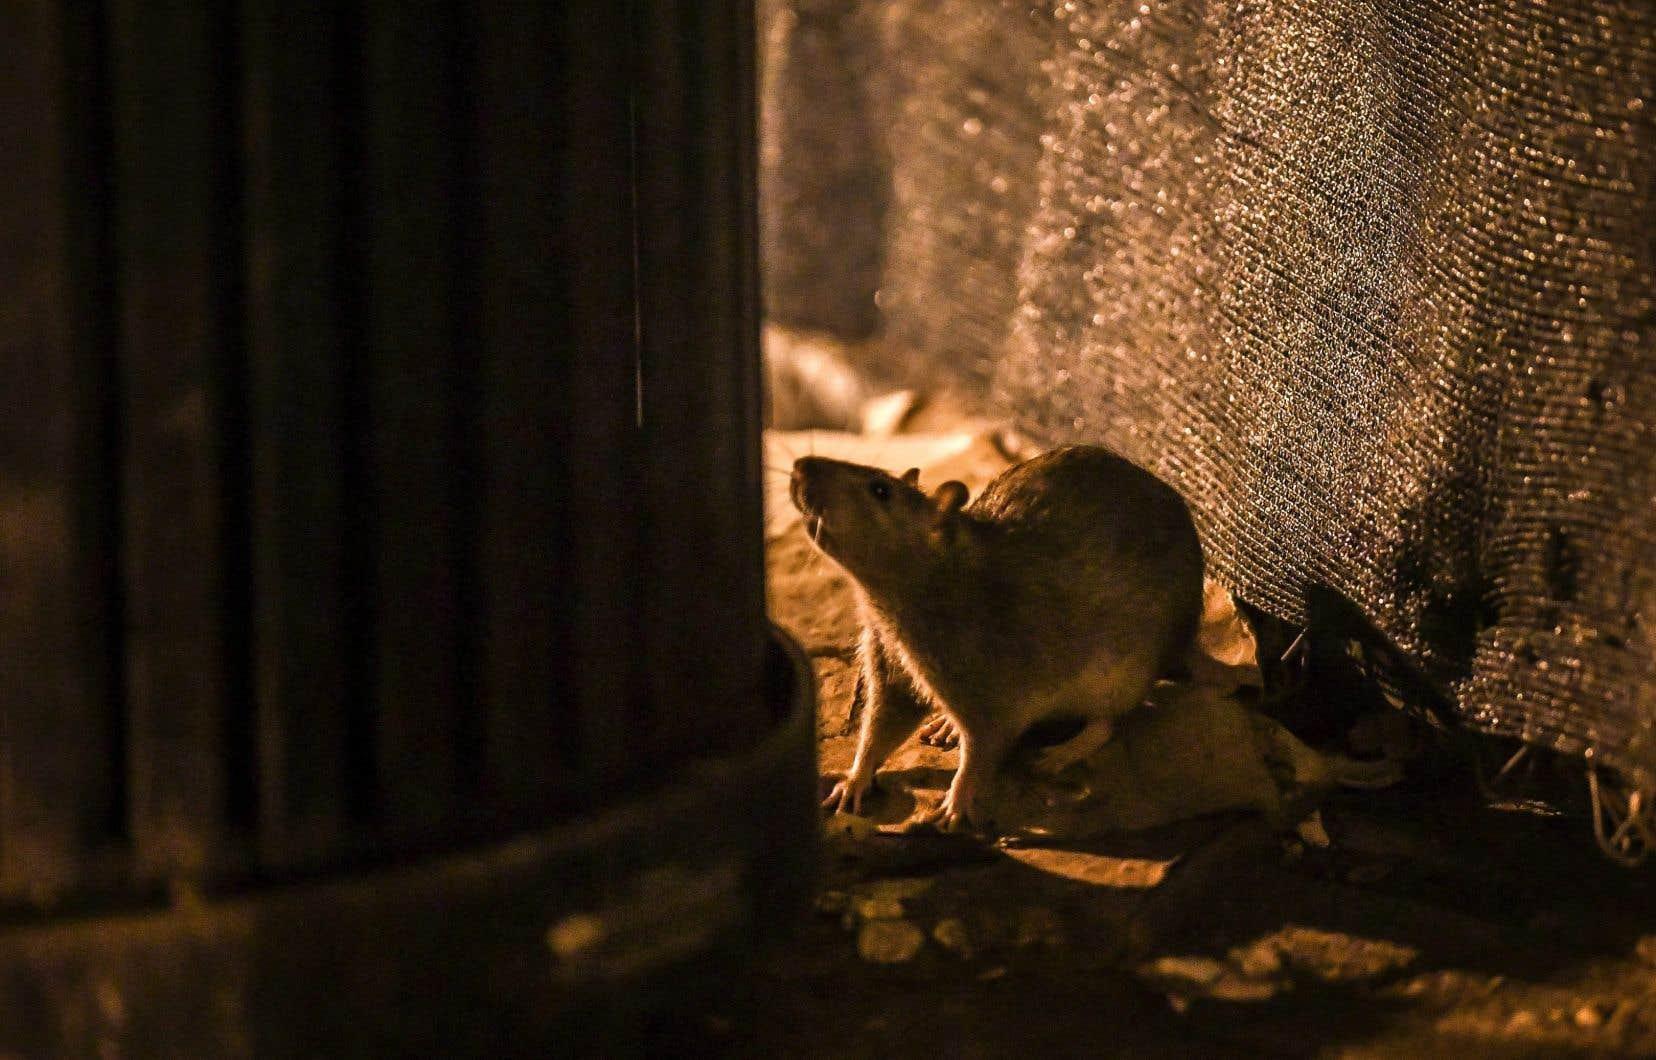 <p>Selon les données fournies à l'opposition par des entreprises de gestion parasitaire, Montréal compterait entre 5 et 6millions de rats qui, pour la plupart, vivraient dans les égouts.</p>